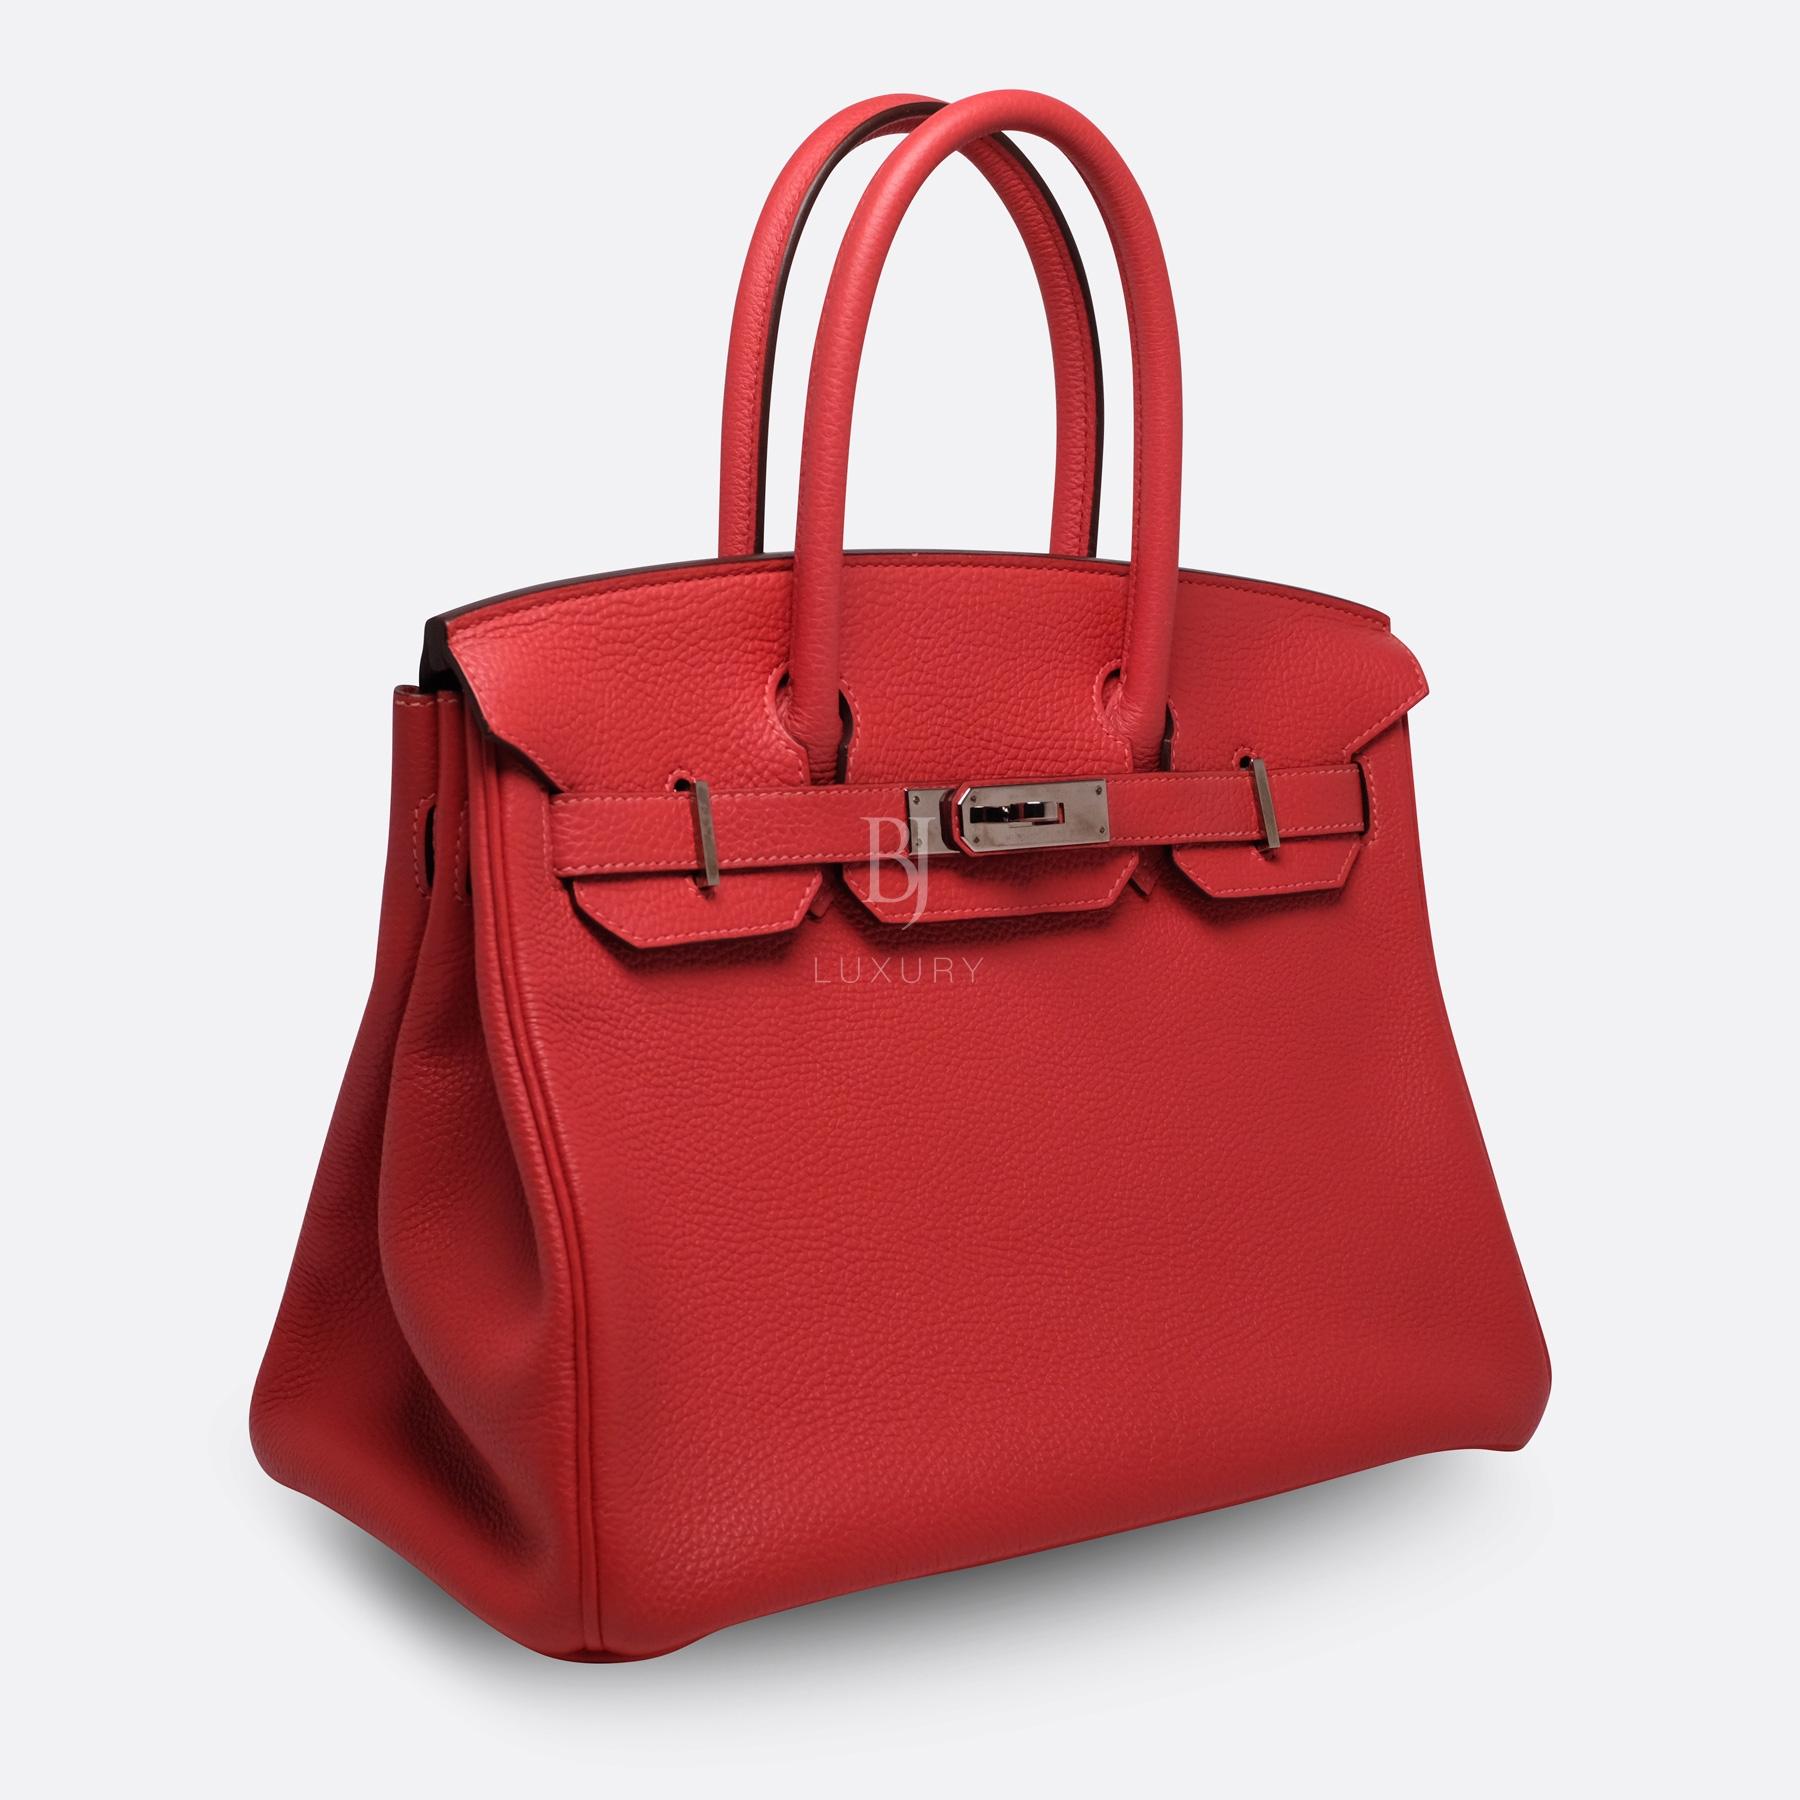 Hermes Birkin 30 Rougue Pivoine Togo Palladium BJ Luxury 11.jpg